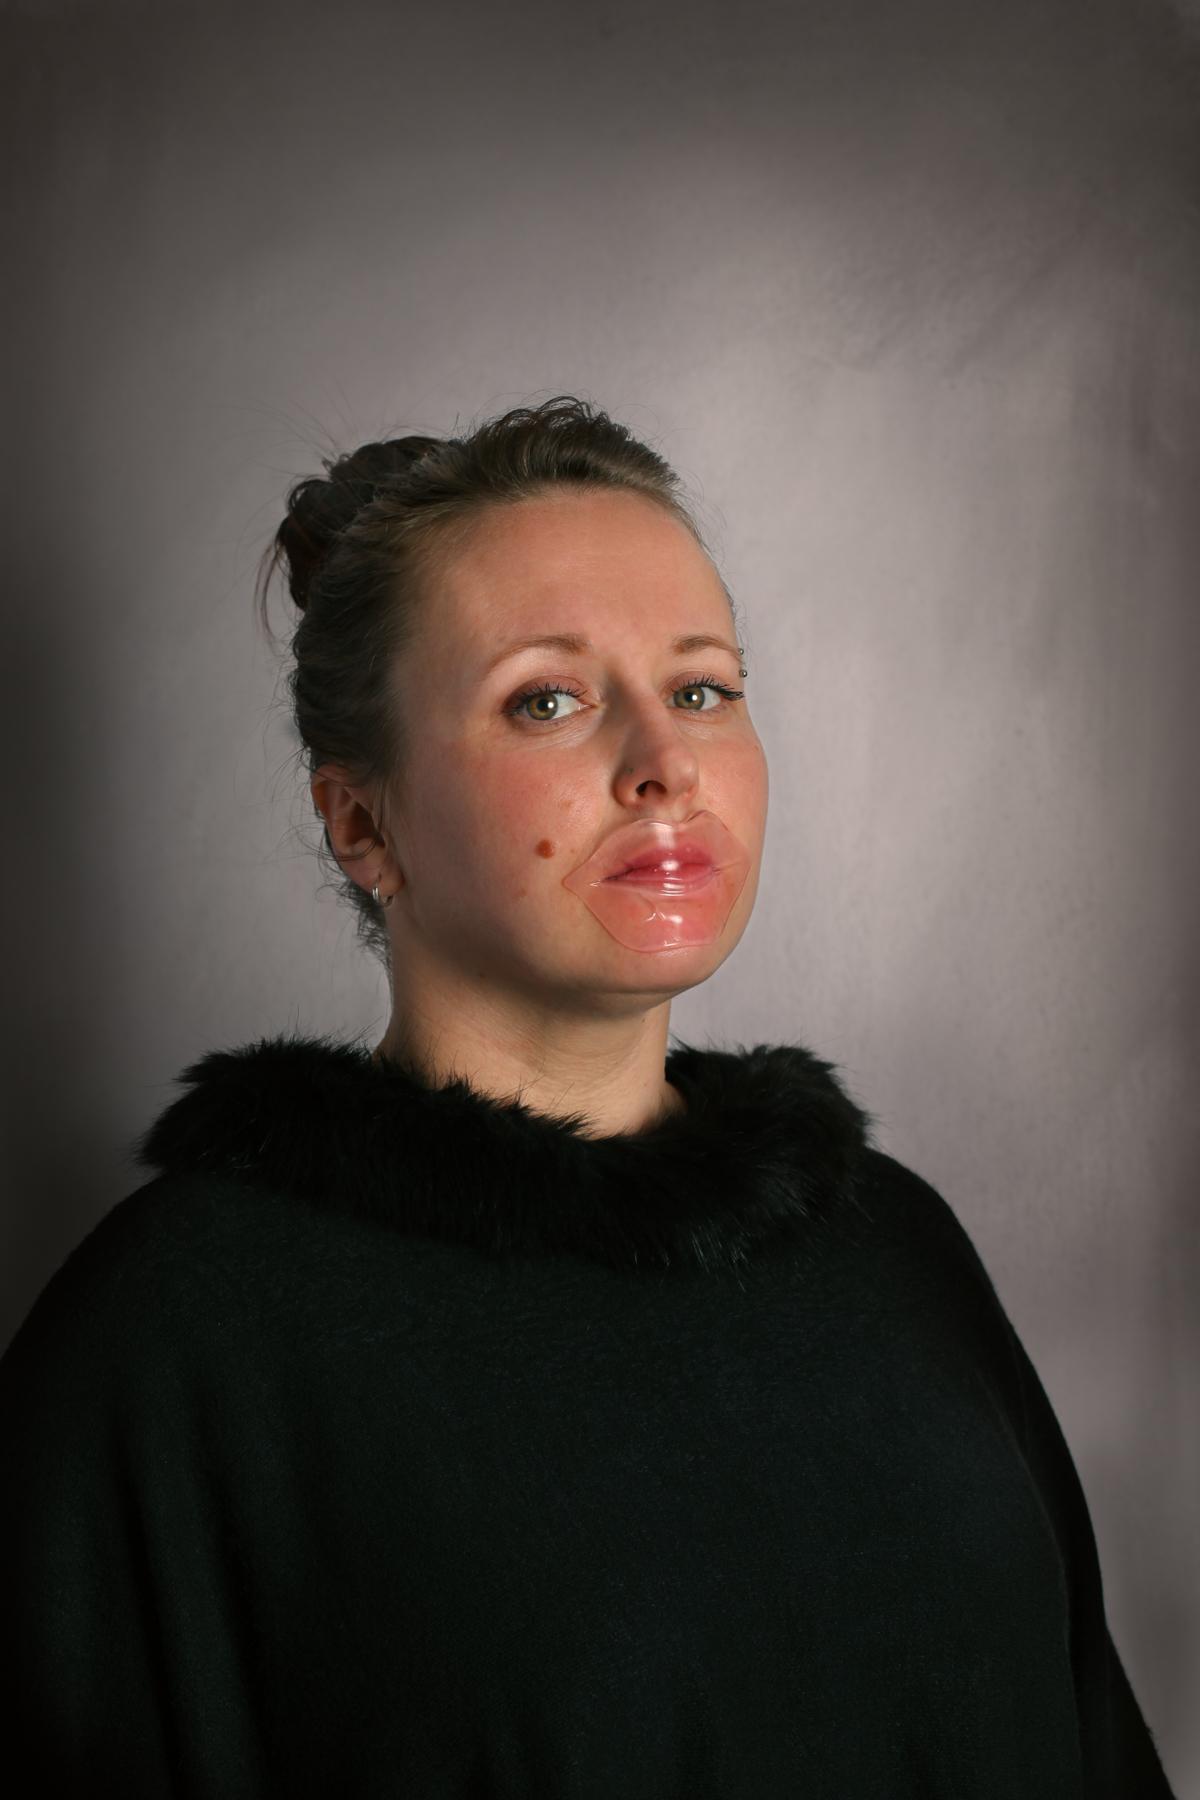 'Các chiến binh nhan sắc' hay phụ nữ chịu khó làm đẹp đến mức nào?